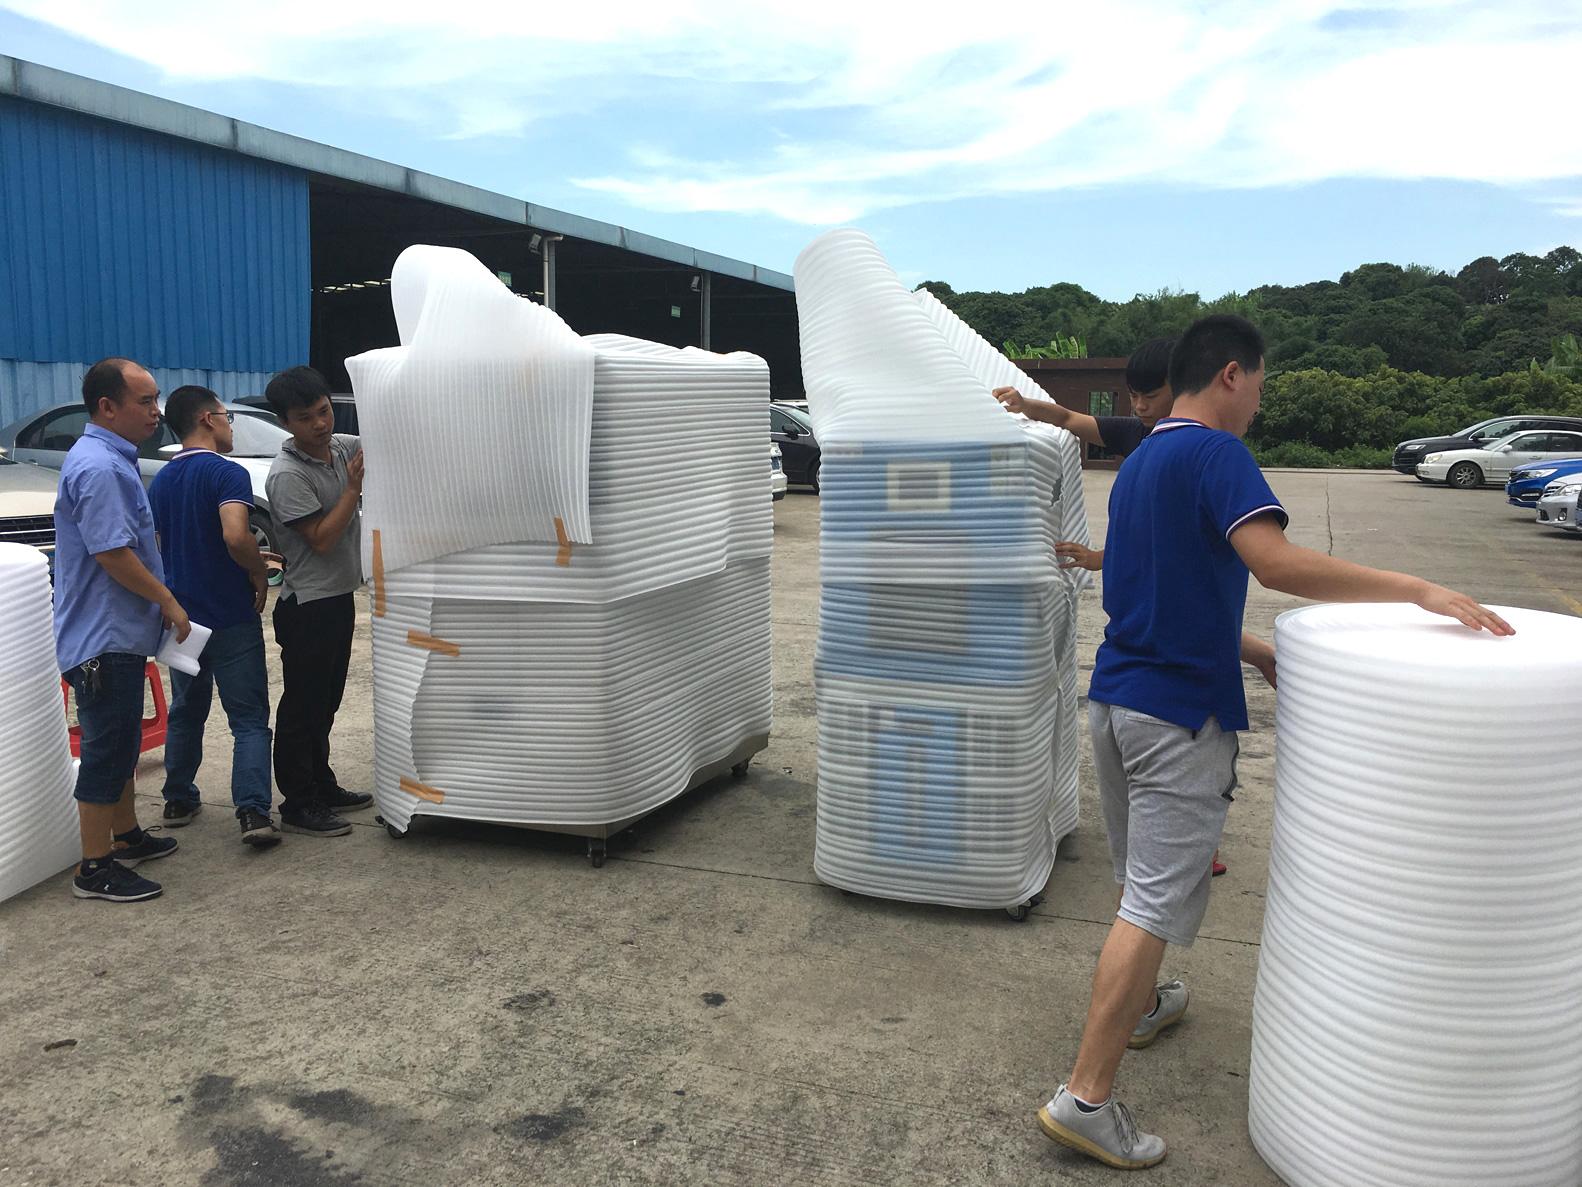 2018-07-30 Shipment | Pressure Cooker Tester